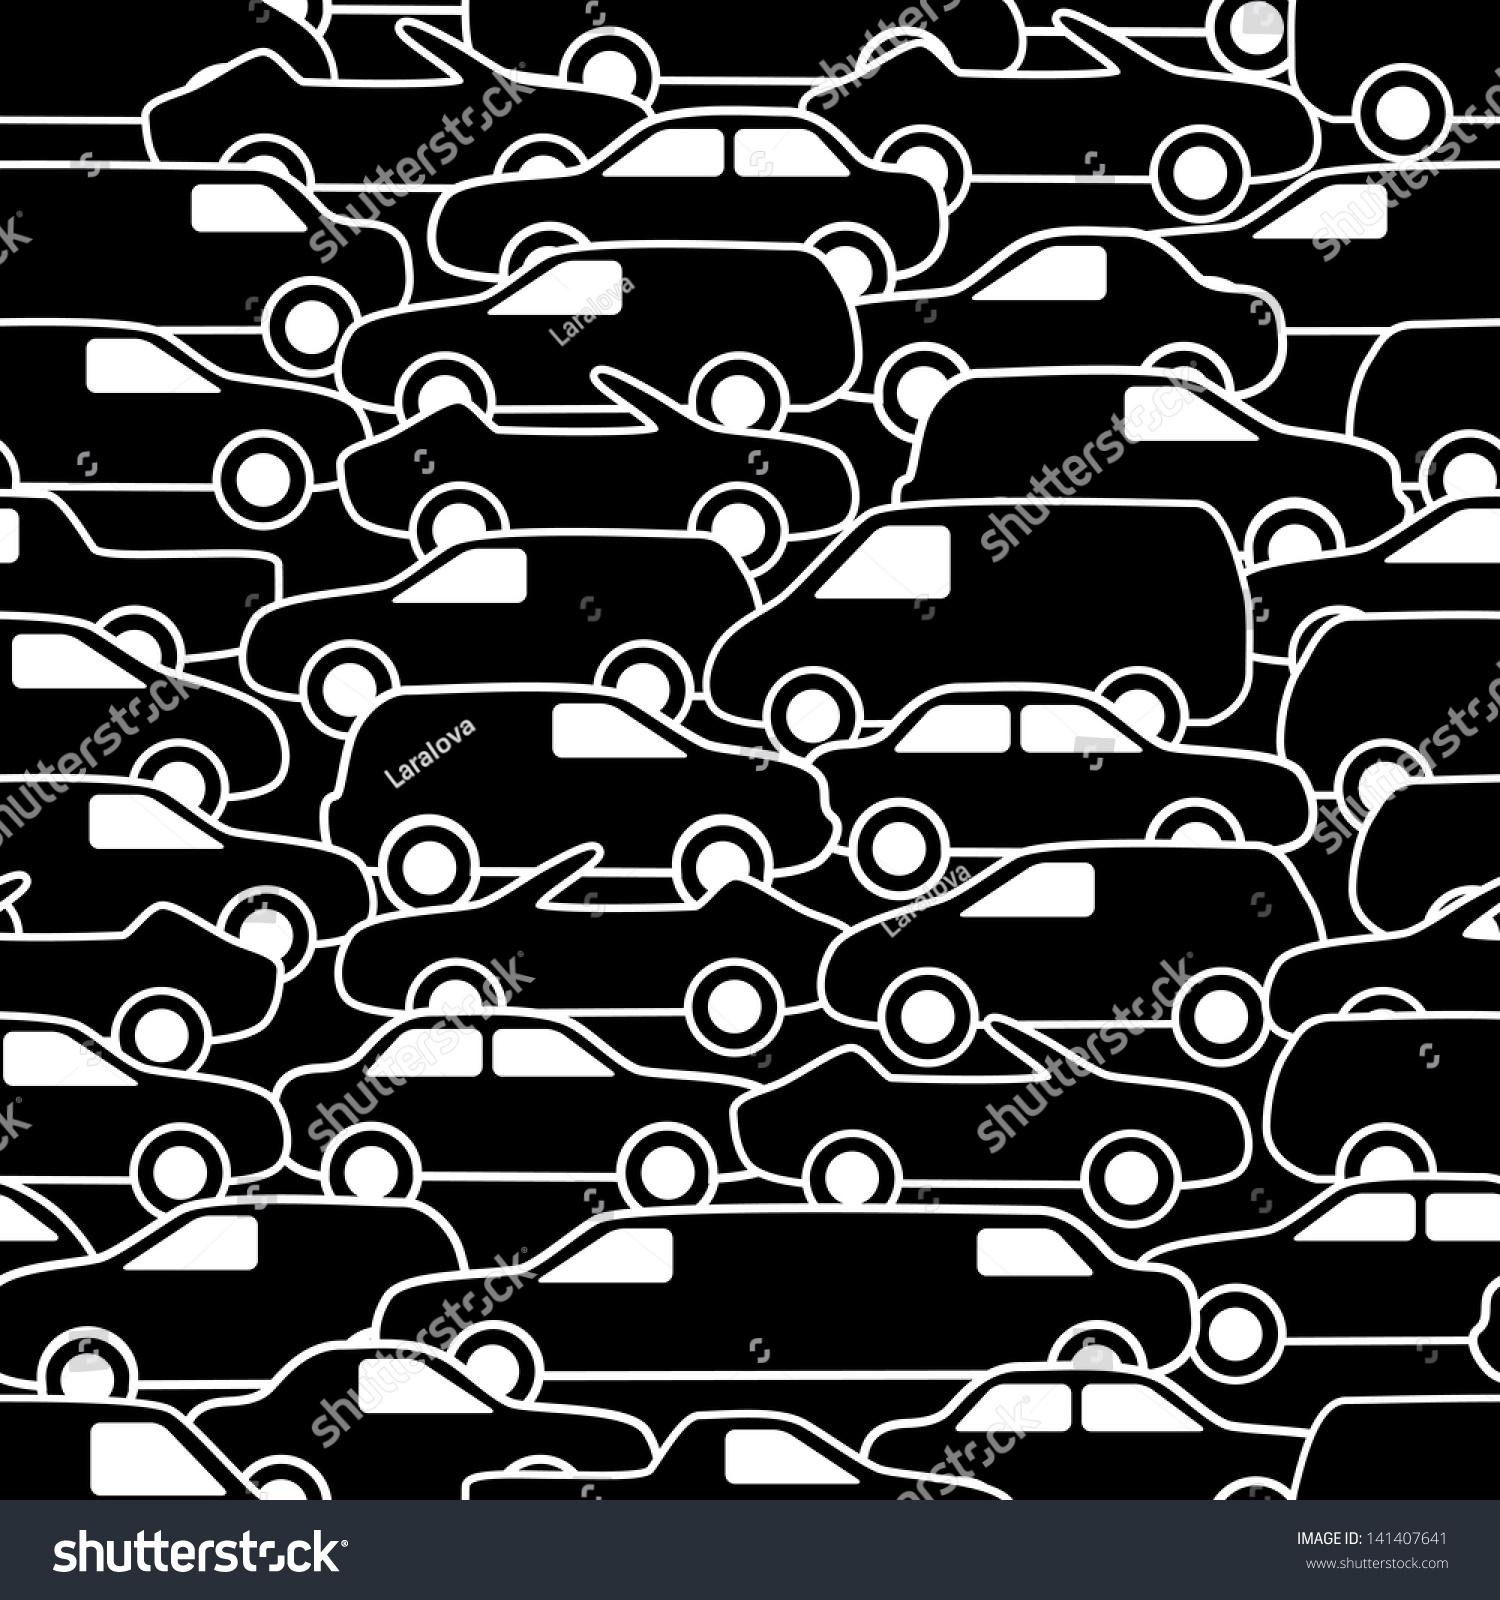 无缝模式与汽车.矢量插图.-交通运输,背景/素材-海洛